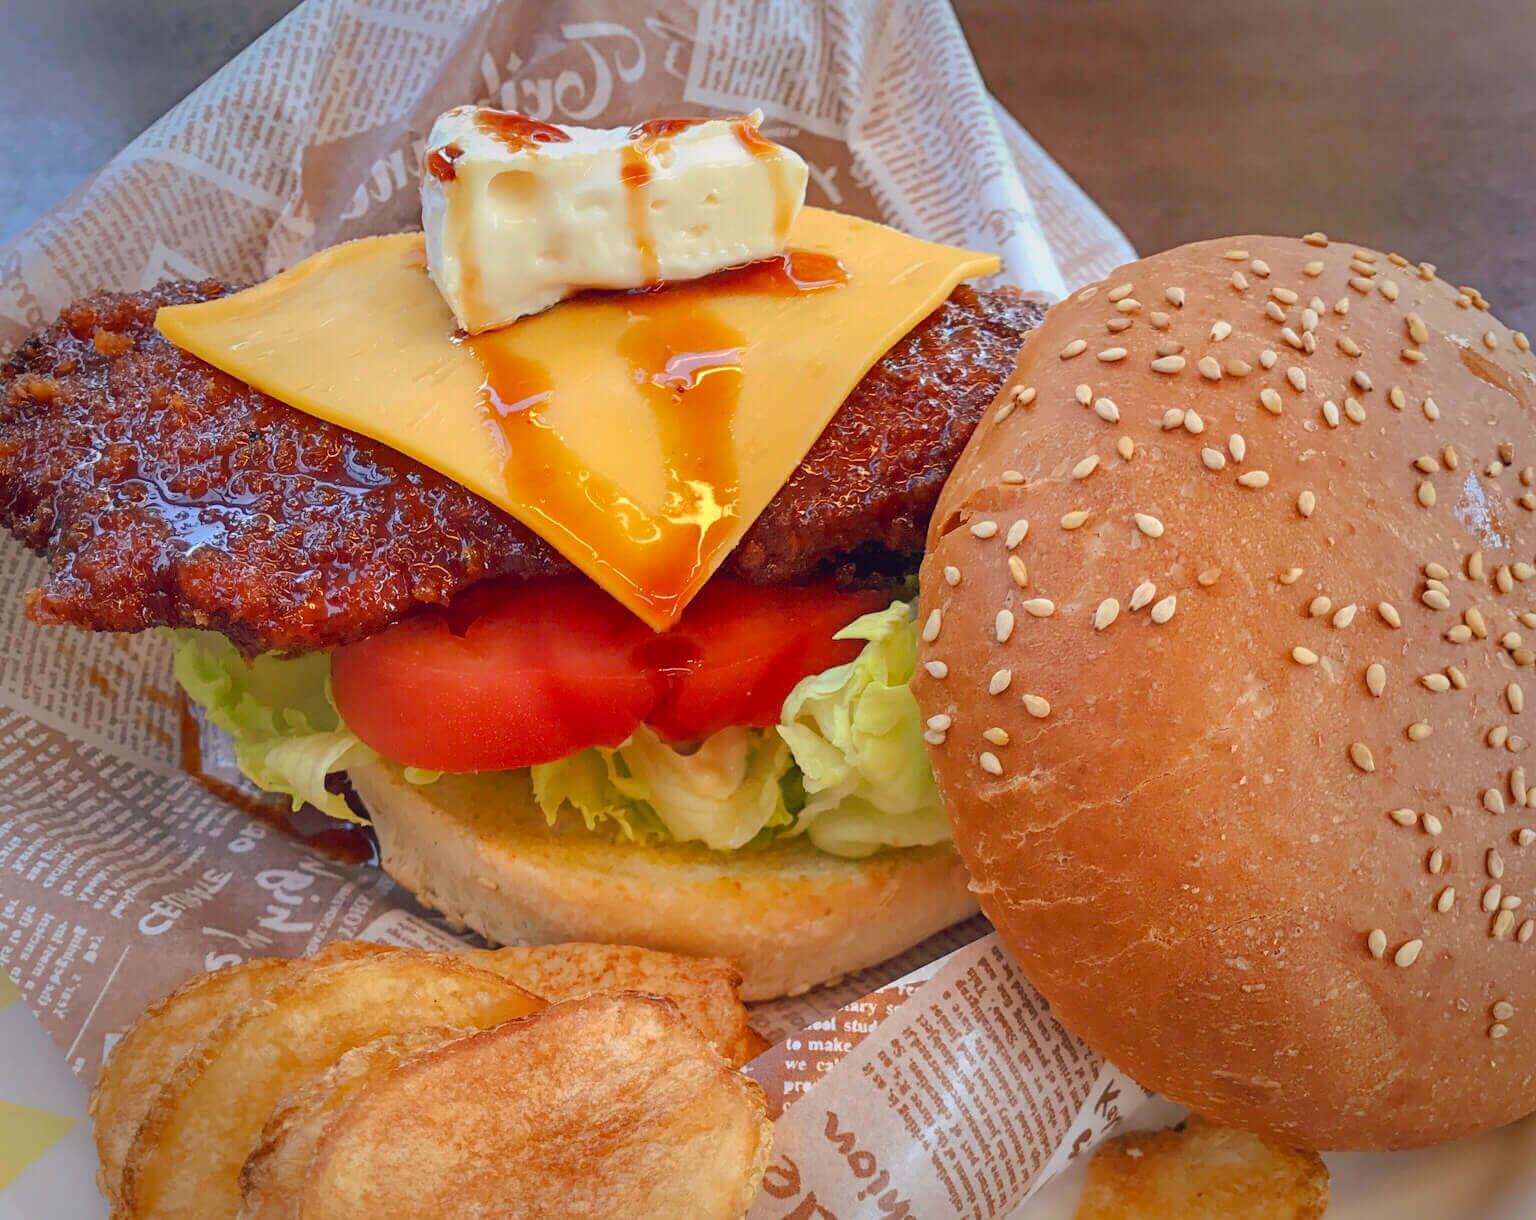 伊豆・下田で話題の金目鯛バーガーを食べる! 『道の駅 開国下田みなと』へドライブ